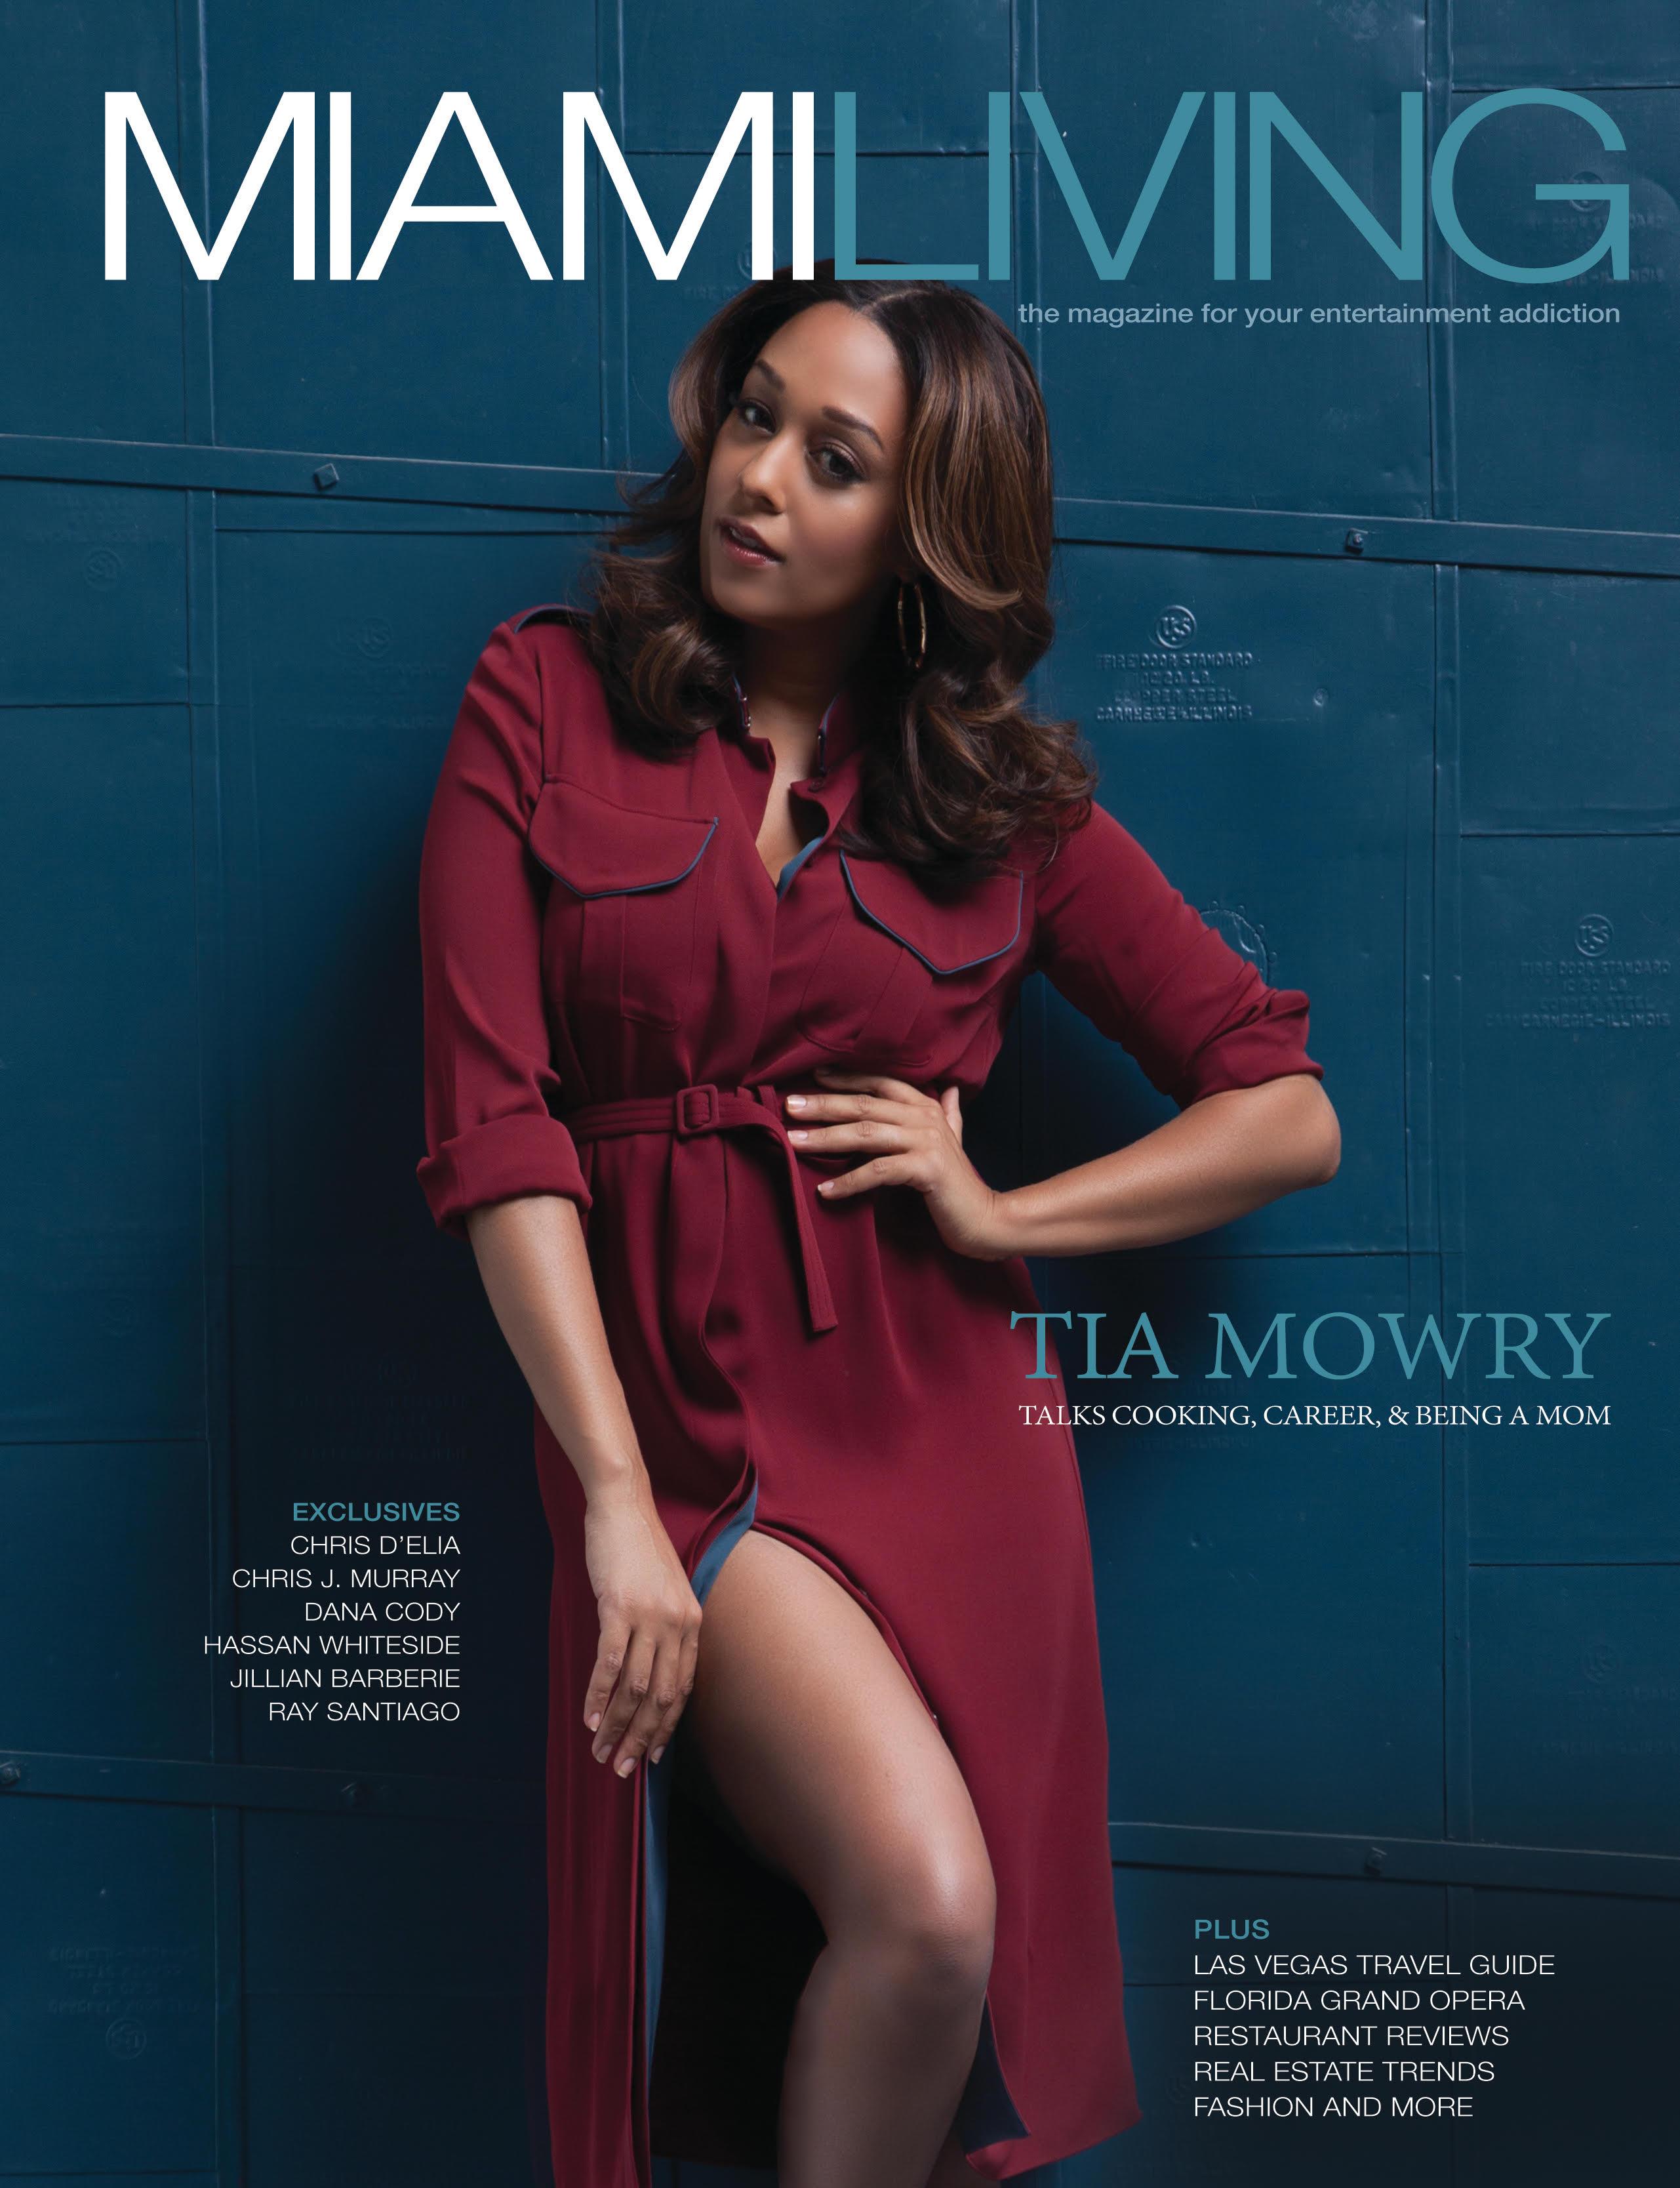 Tia Mowry